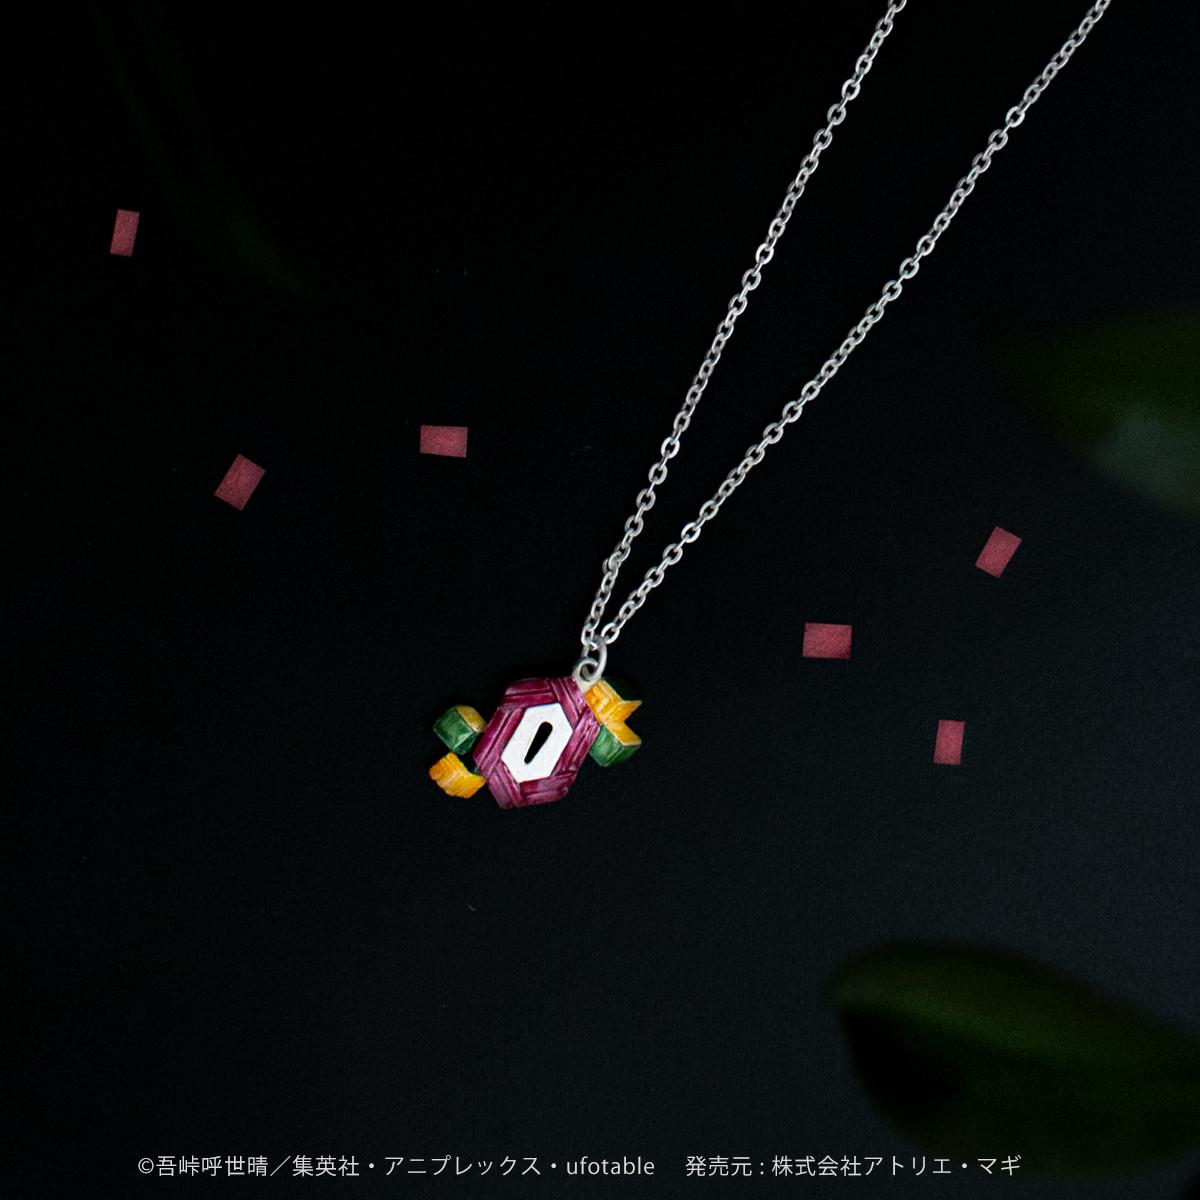 冨岡義勇 ネックレス【鬼滅の刃】